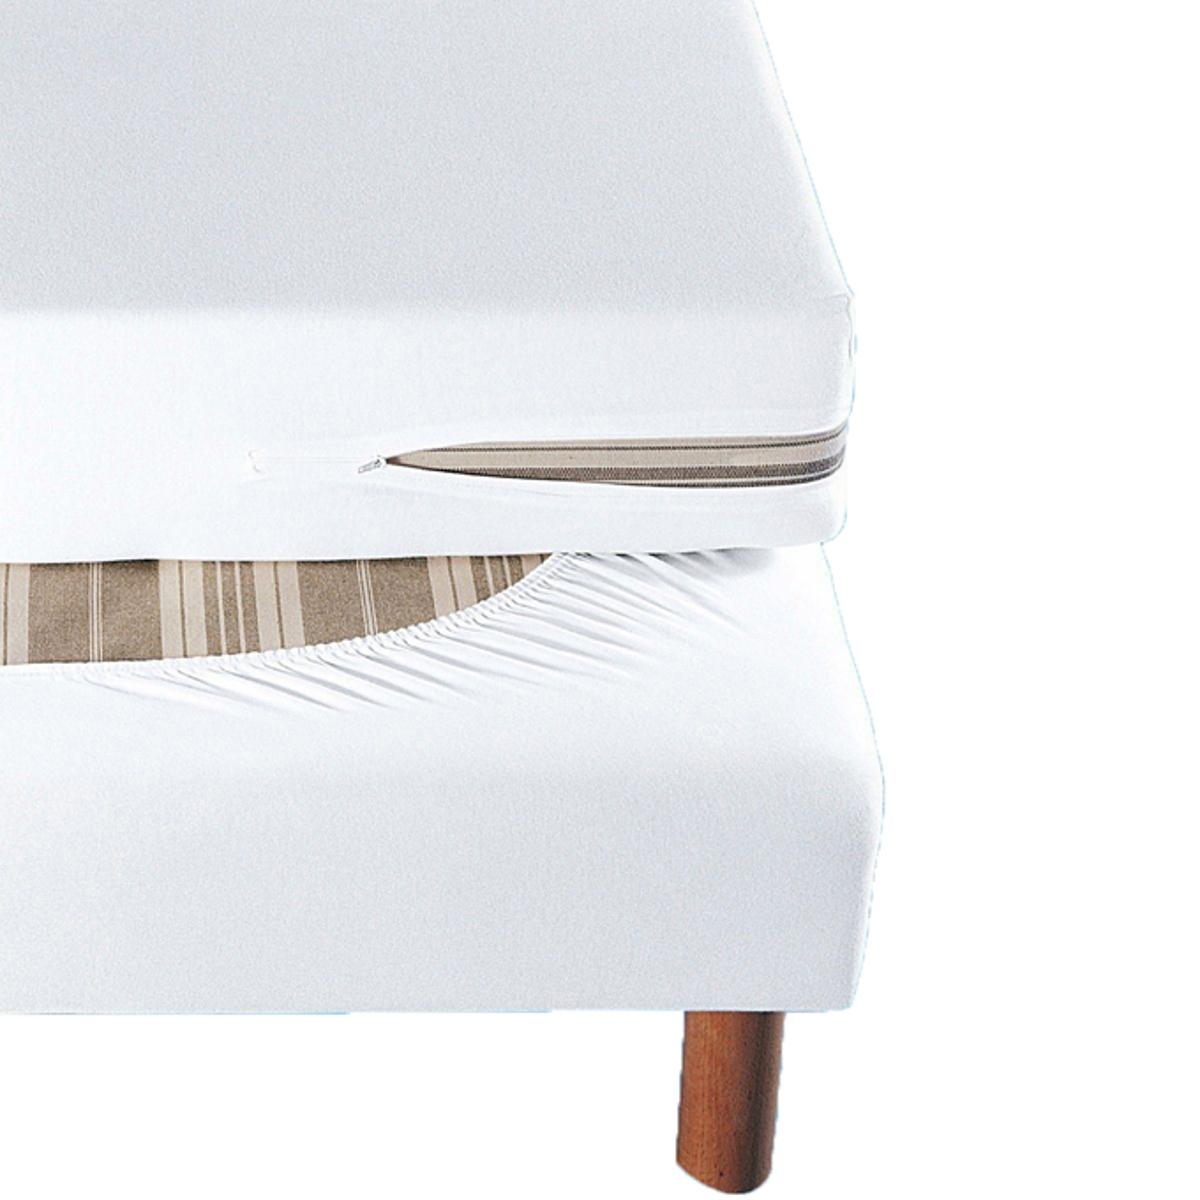 Чехол защитный для матраса из джерсиОписание :Чехол защитный для матраса VALEUR S?RE из качественного джерси, ткань очень мягкая, хорошо тянется и прочная.Джерси, 100% чесаного хлопка (140 гр/м?), антибактериальная обработка Microstop..Характеристики :- Полностью надевается на матрас.Застежка на молнию.Легкость ухода : стирка при 40°СОткройте для себя нашу коллекцию постельных принадлежностей на сайте laredoute.ru<br><br>Цвет: белый,синий,слоновая кость